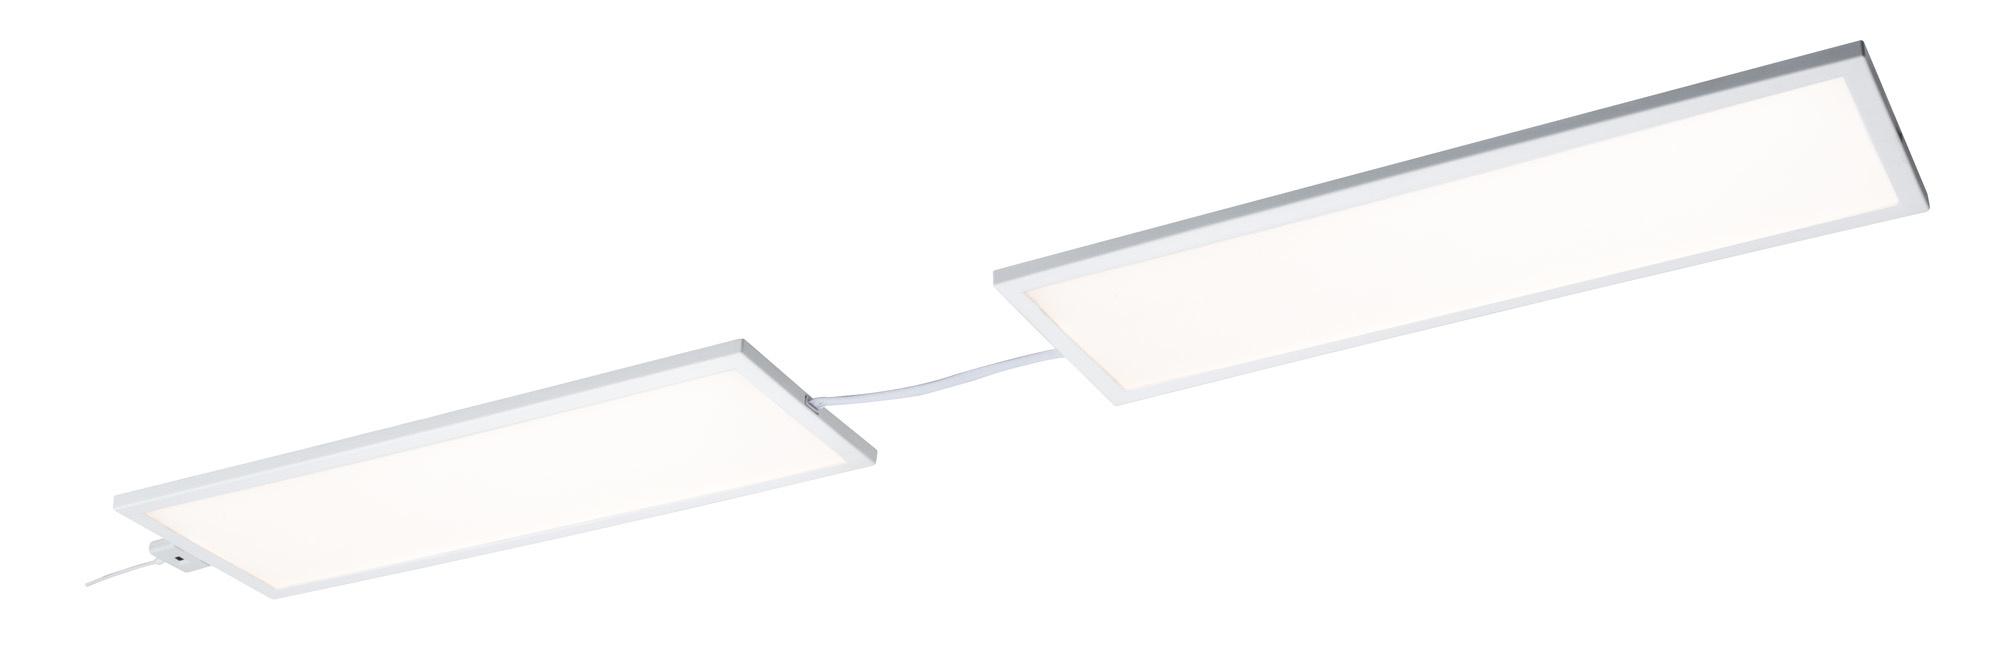 Paulmann Unterschrank-Panel LED Ace 7,5W Weiß 10x30cm Erweiterung